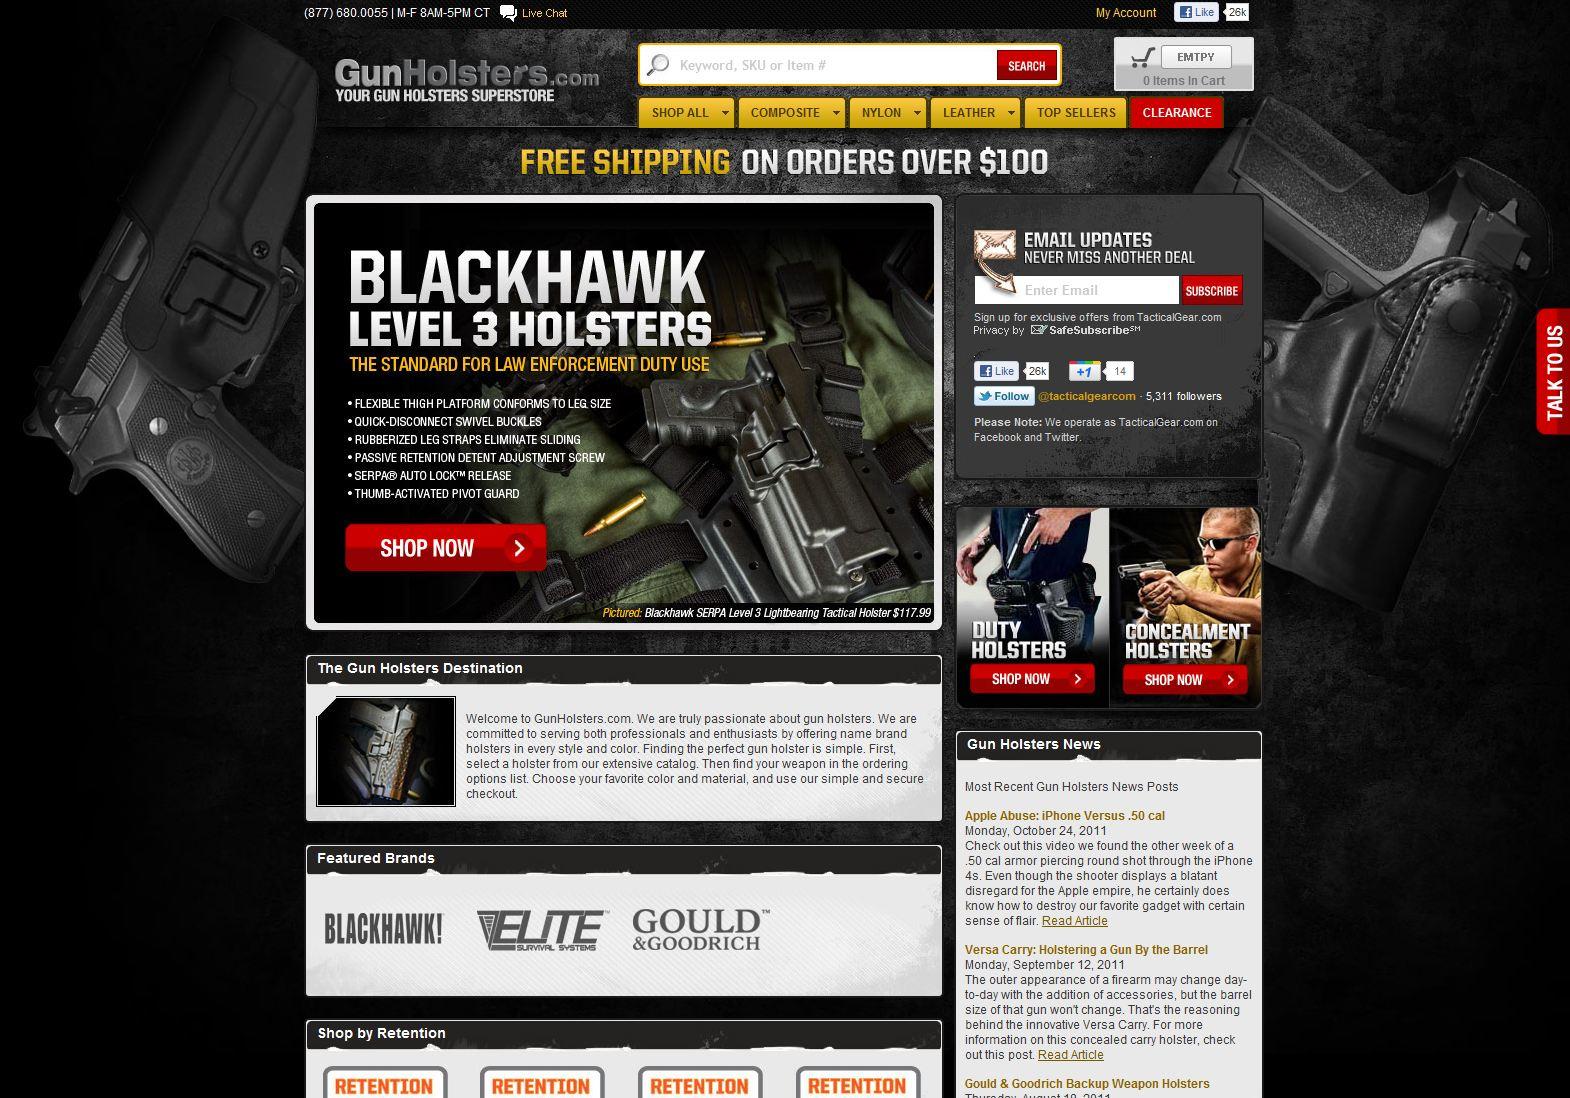 GunHolsters.com